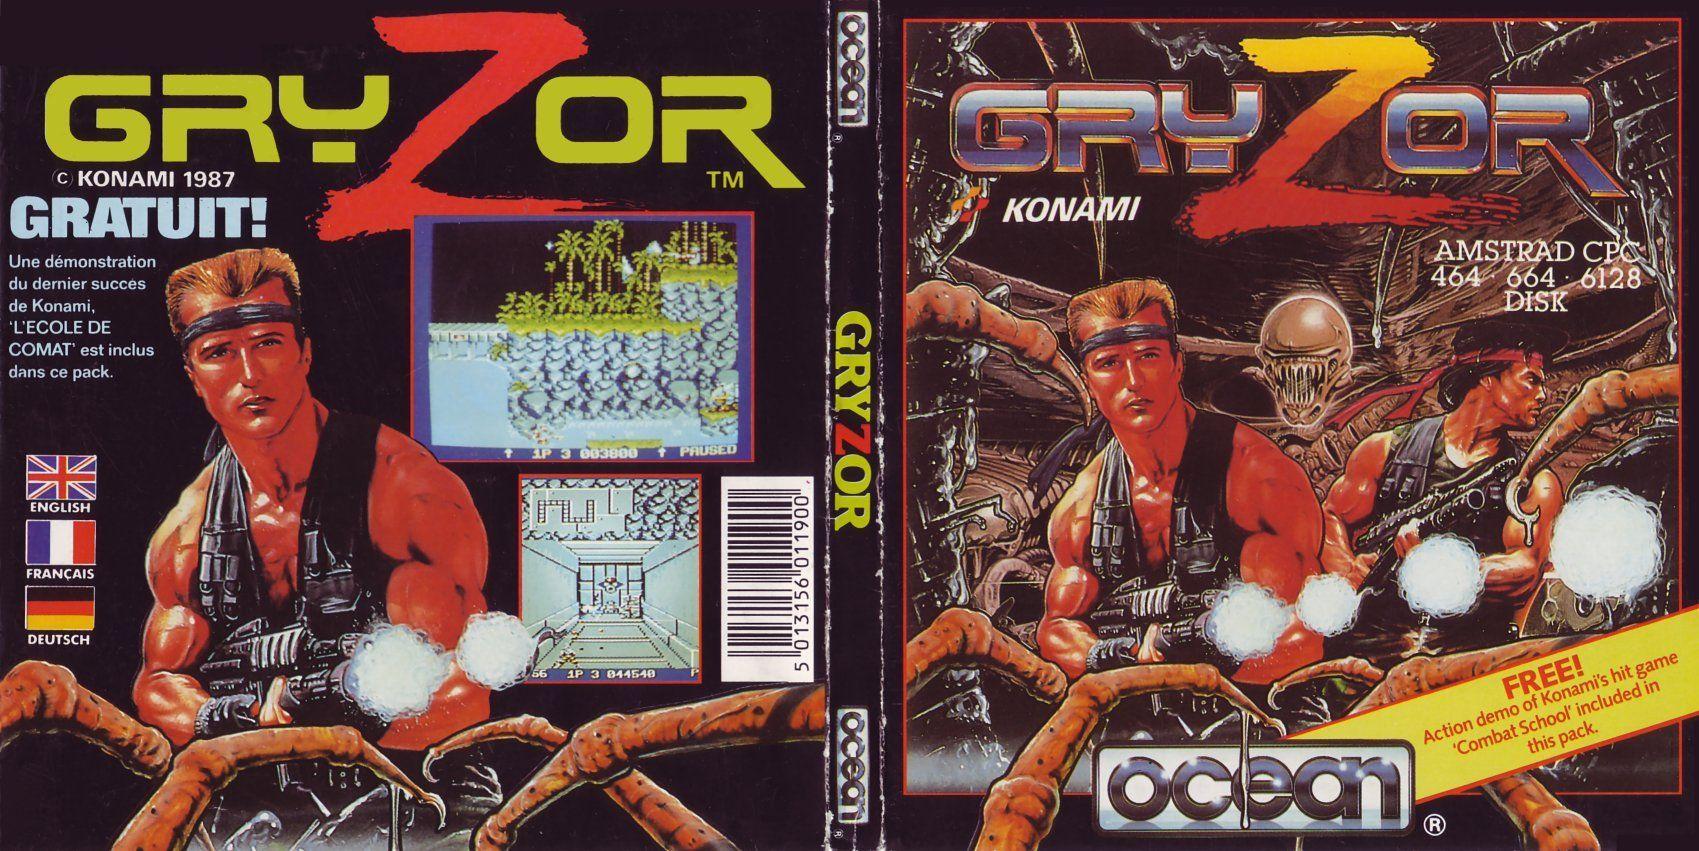 Quel a été votre première console ou ordi rétro et vos 1er jeux ? - Page 3 Gryzor_jaquette